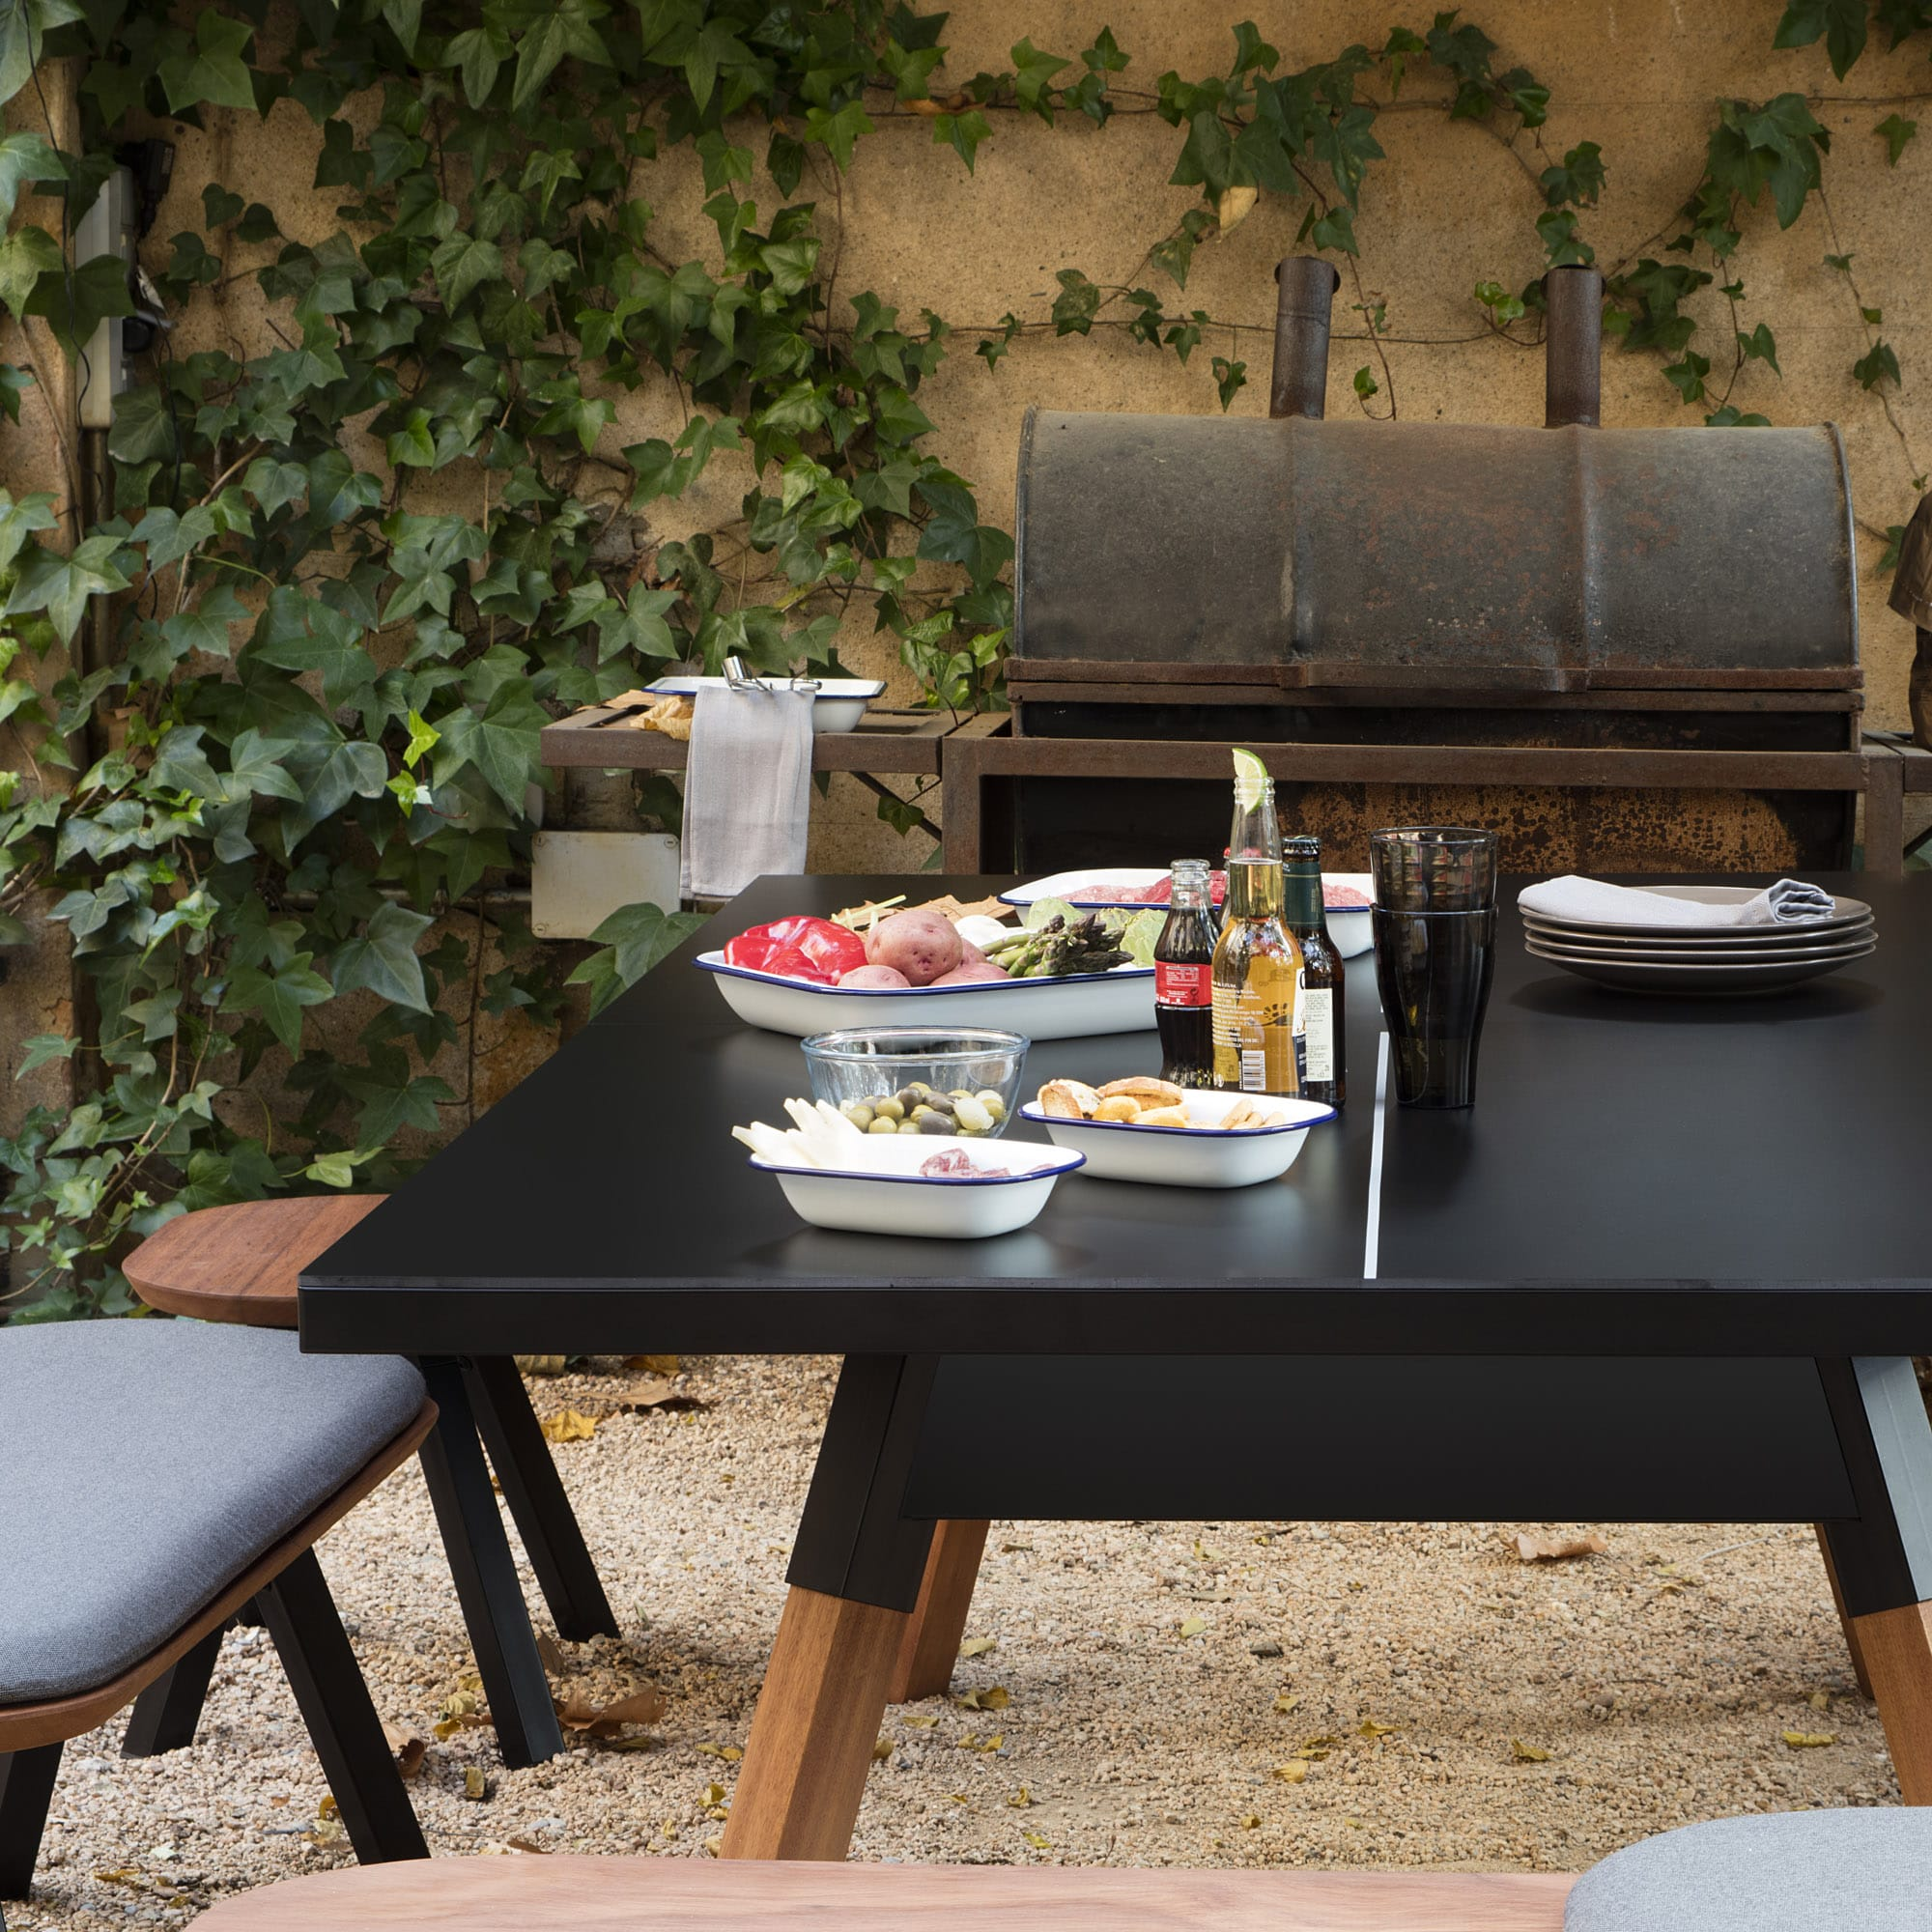 Pingpong tisch schwarz 220 cm for Tisch schwarz